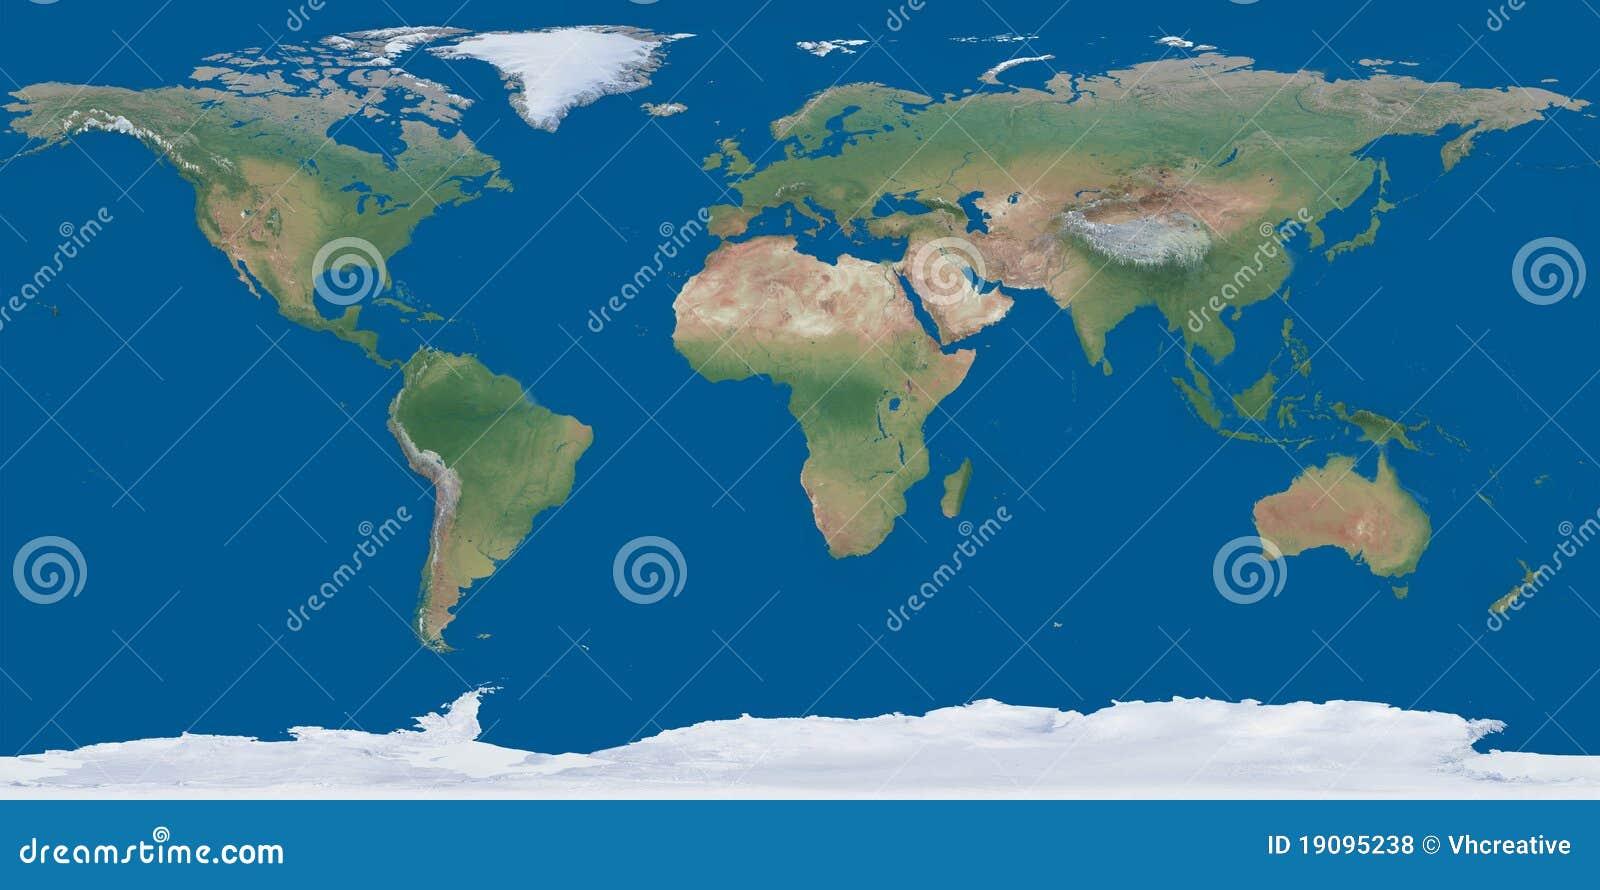 Oba hemisfer mapy jeden szkotowy świat